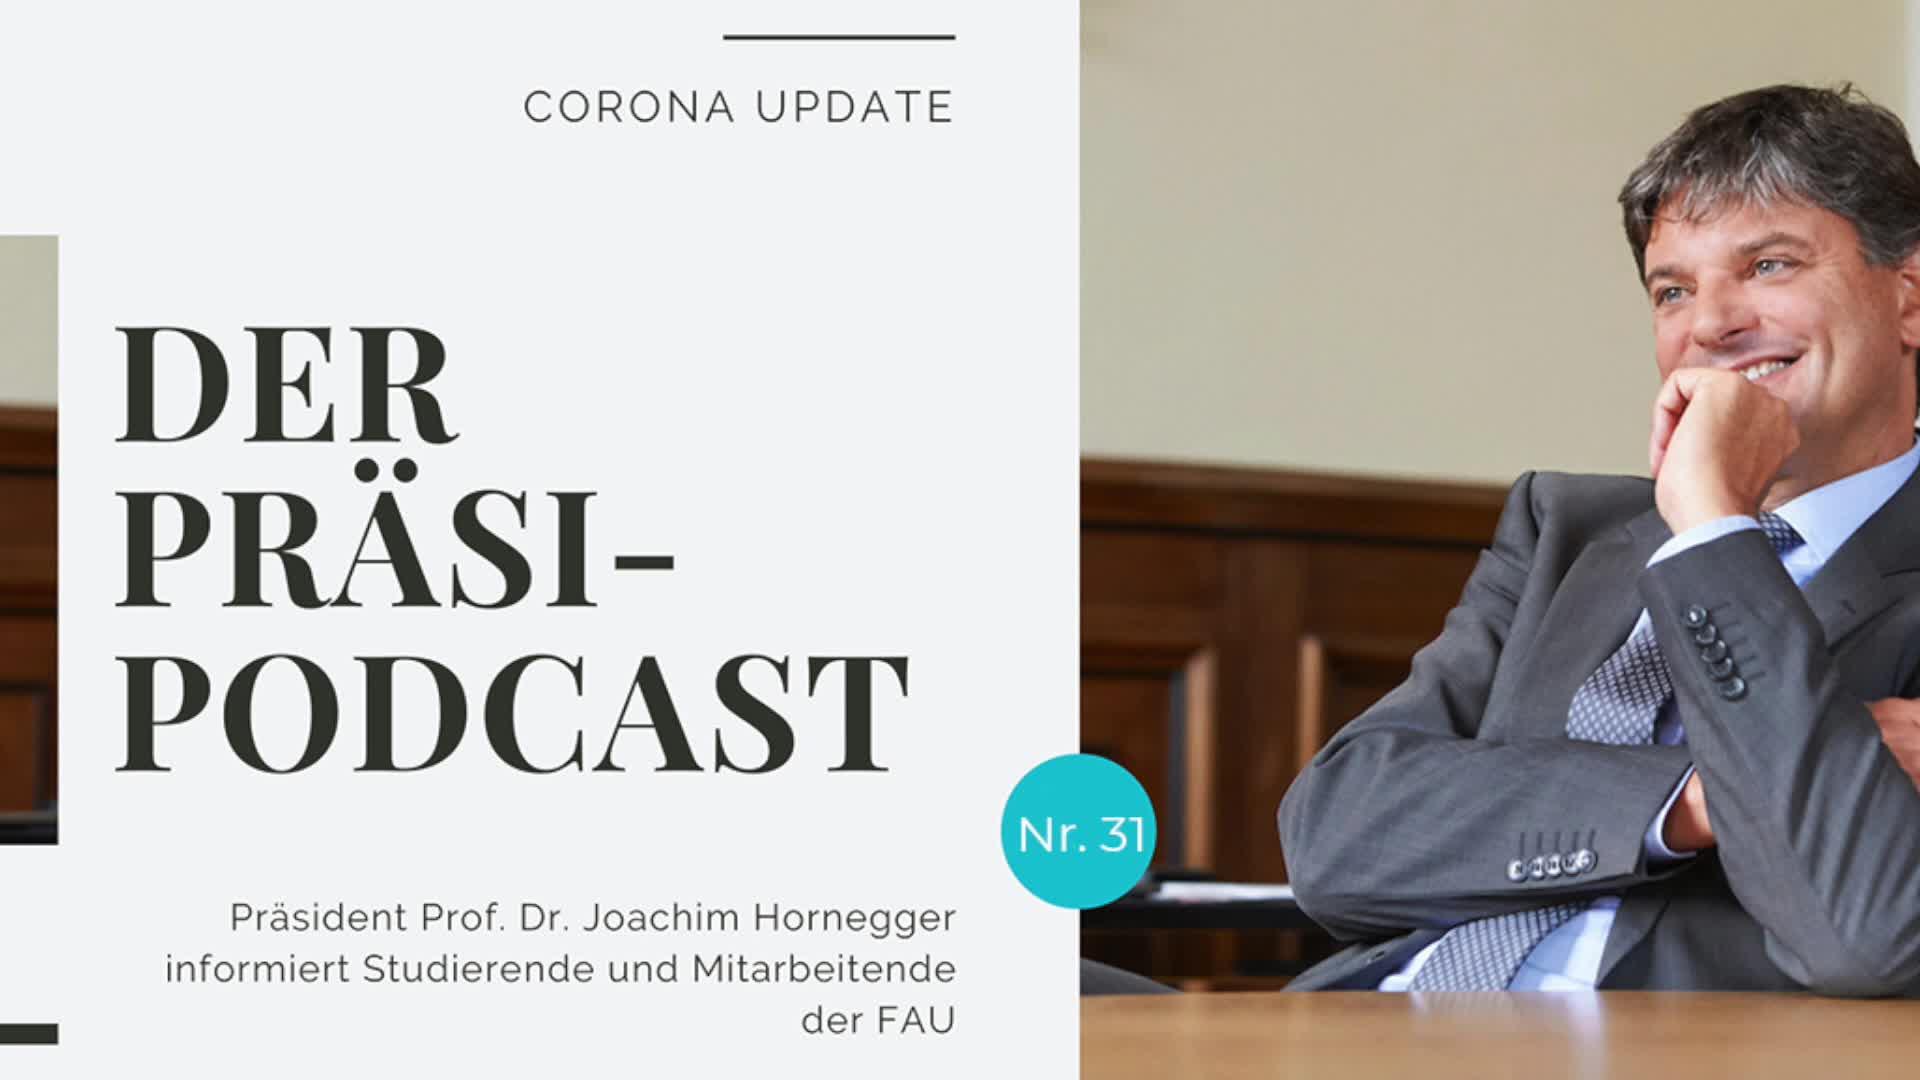 """""""Der Präsi-Podcast"""" vom 18. November 2020 preview image"""